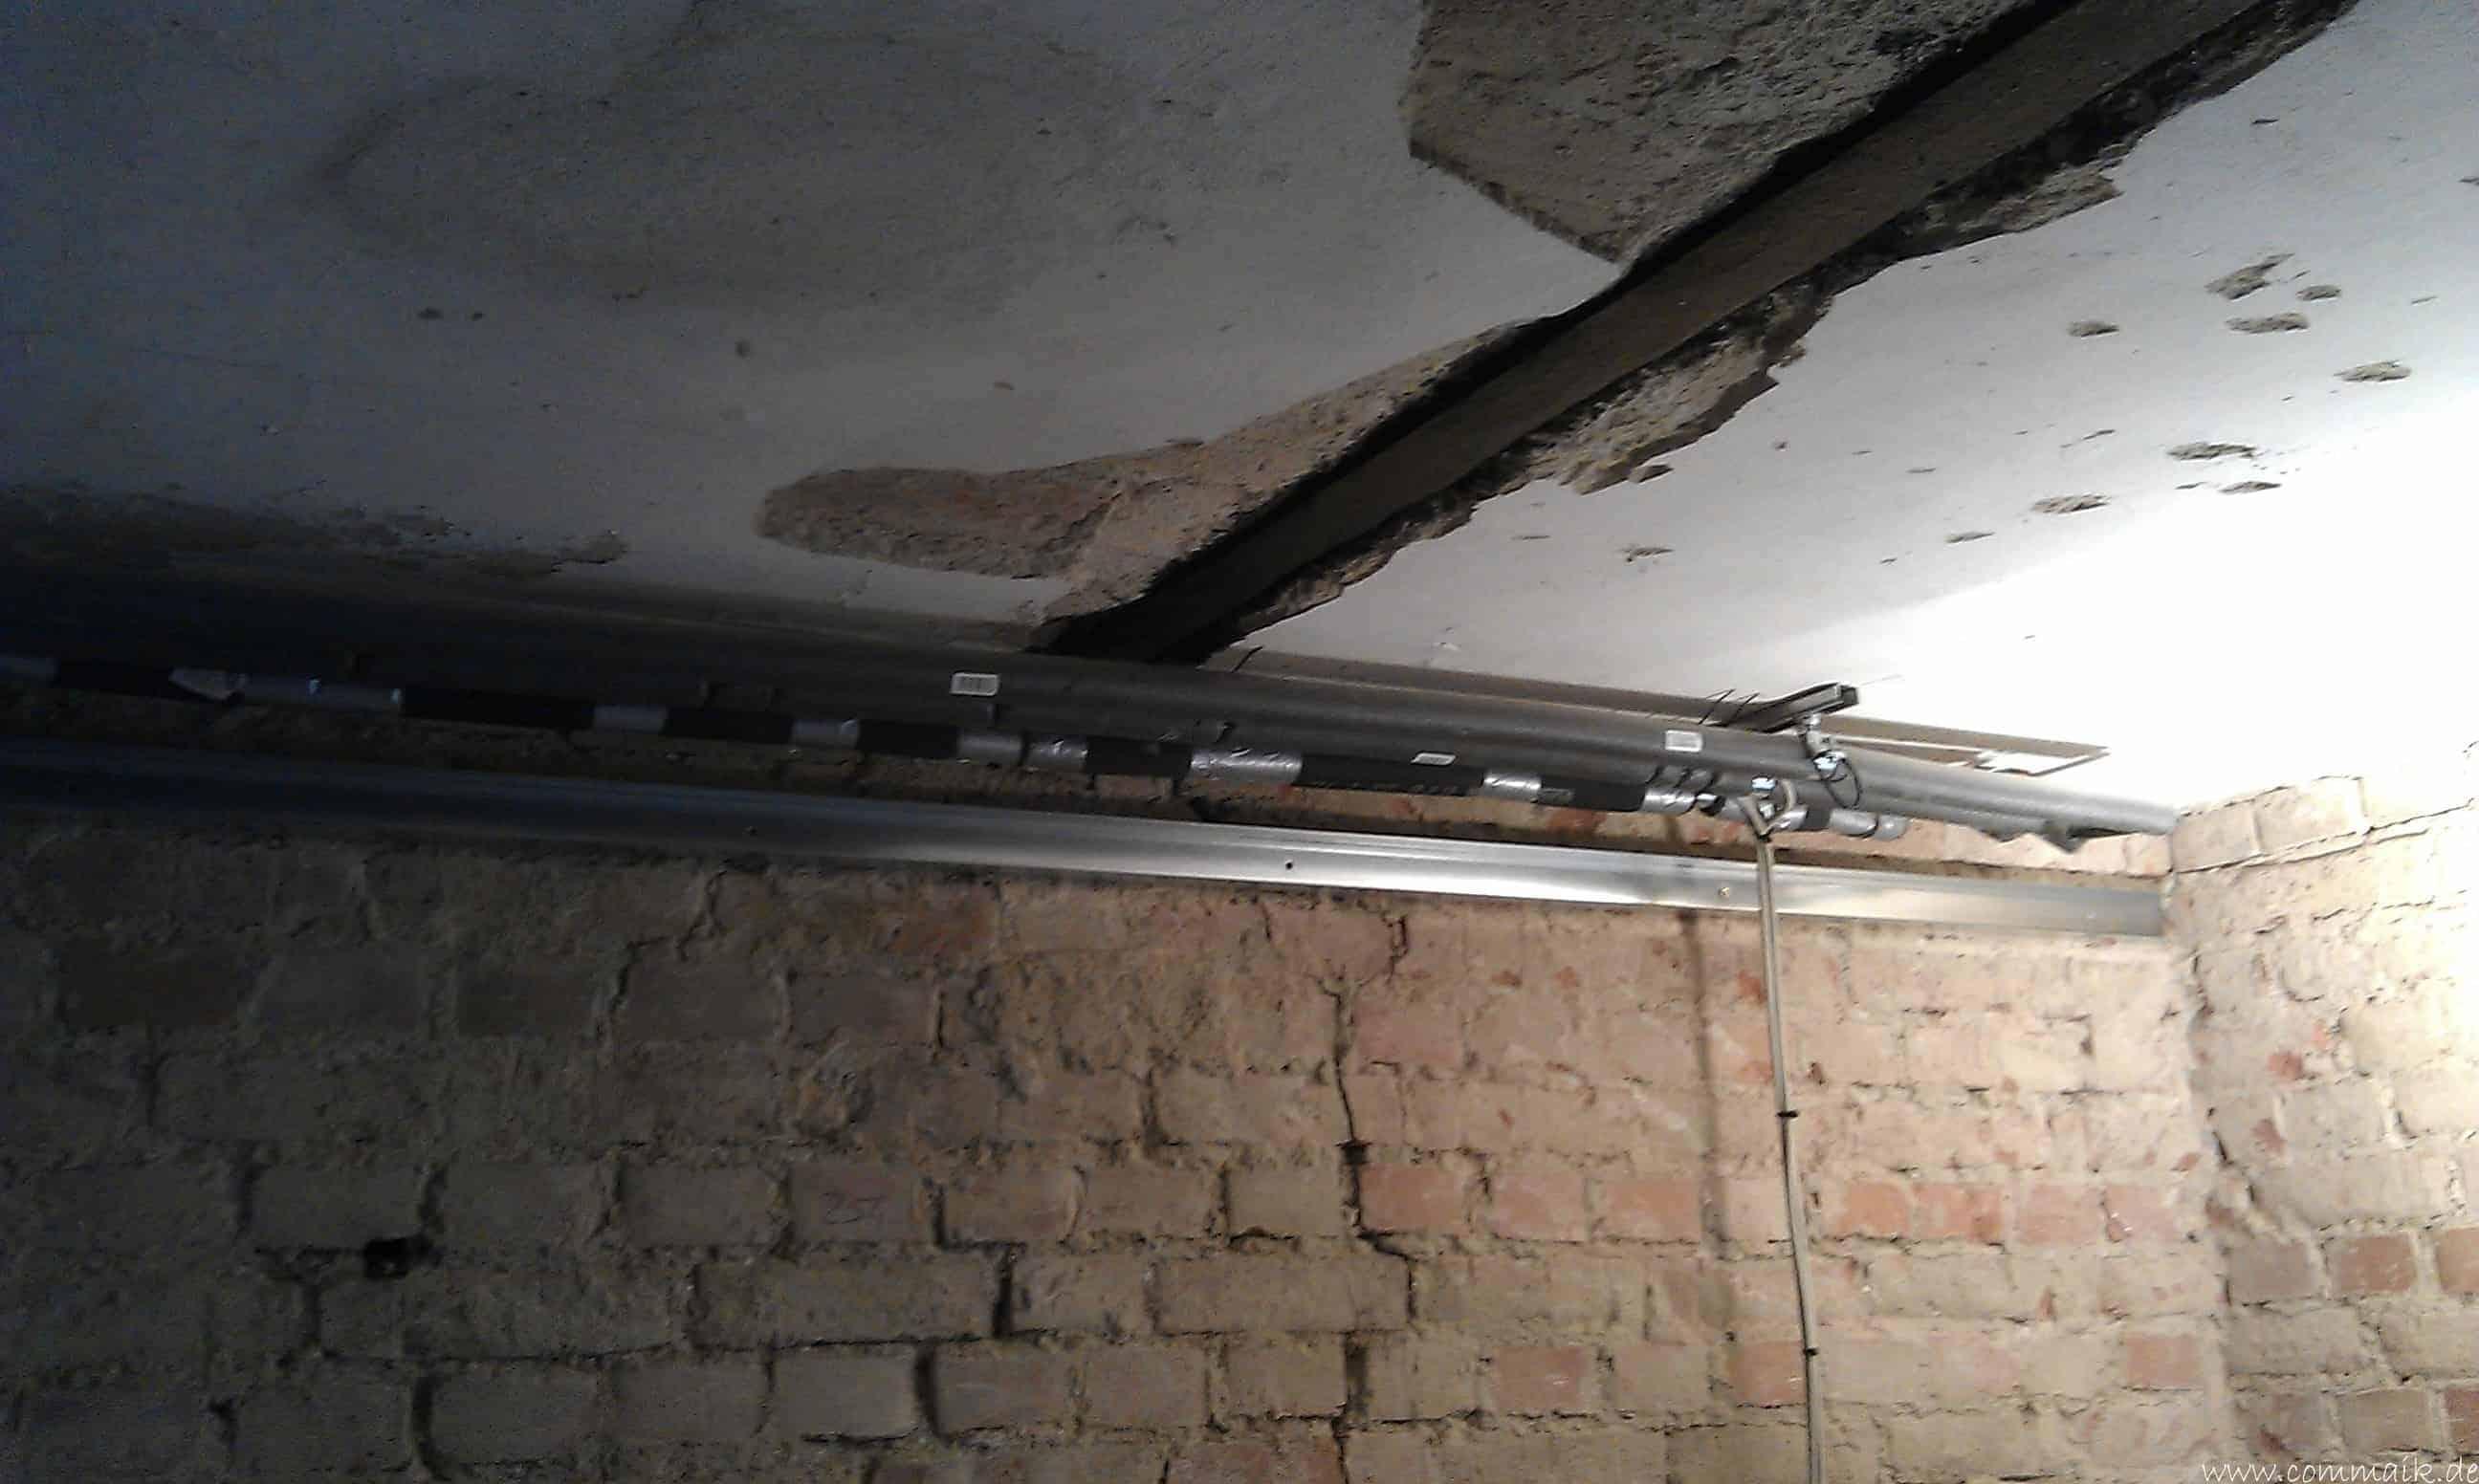 Extrem Trockenbau und Sanitärinstallation im Keller – Die Kundentoilette BK88